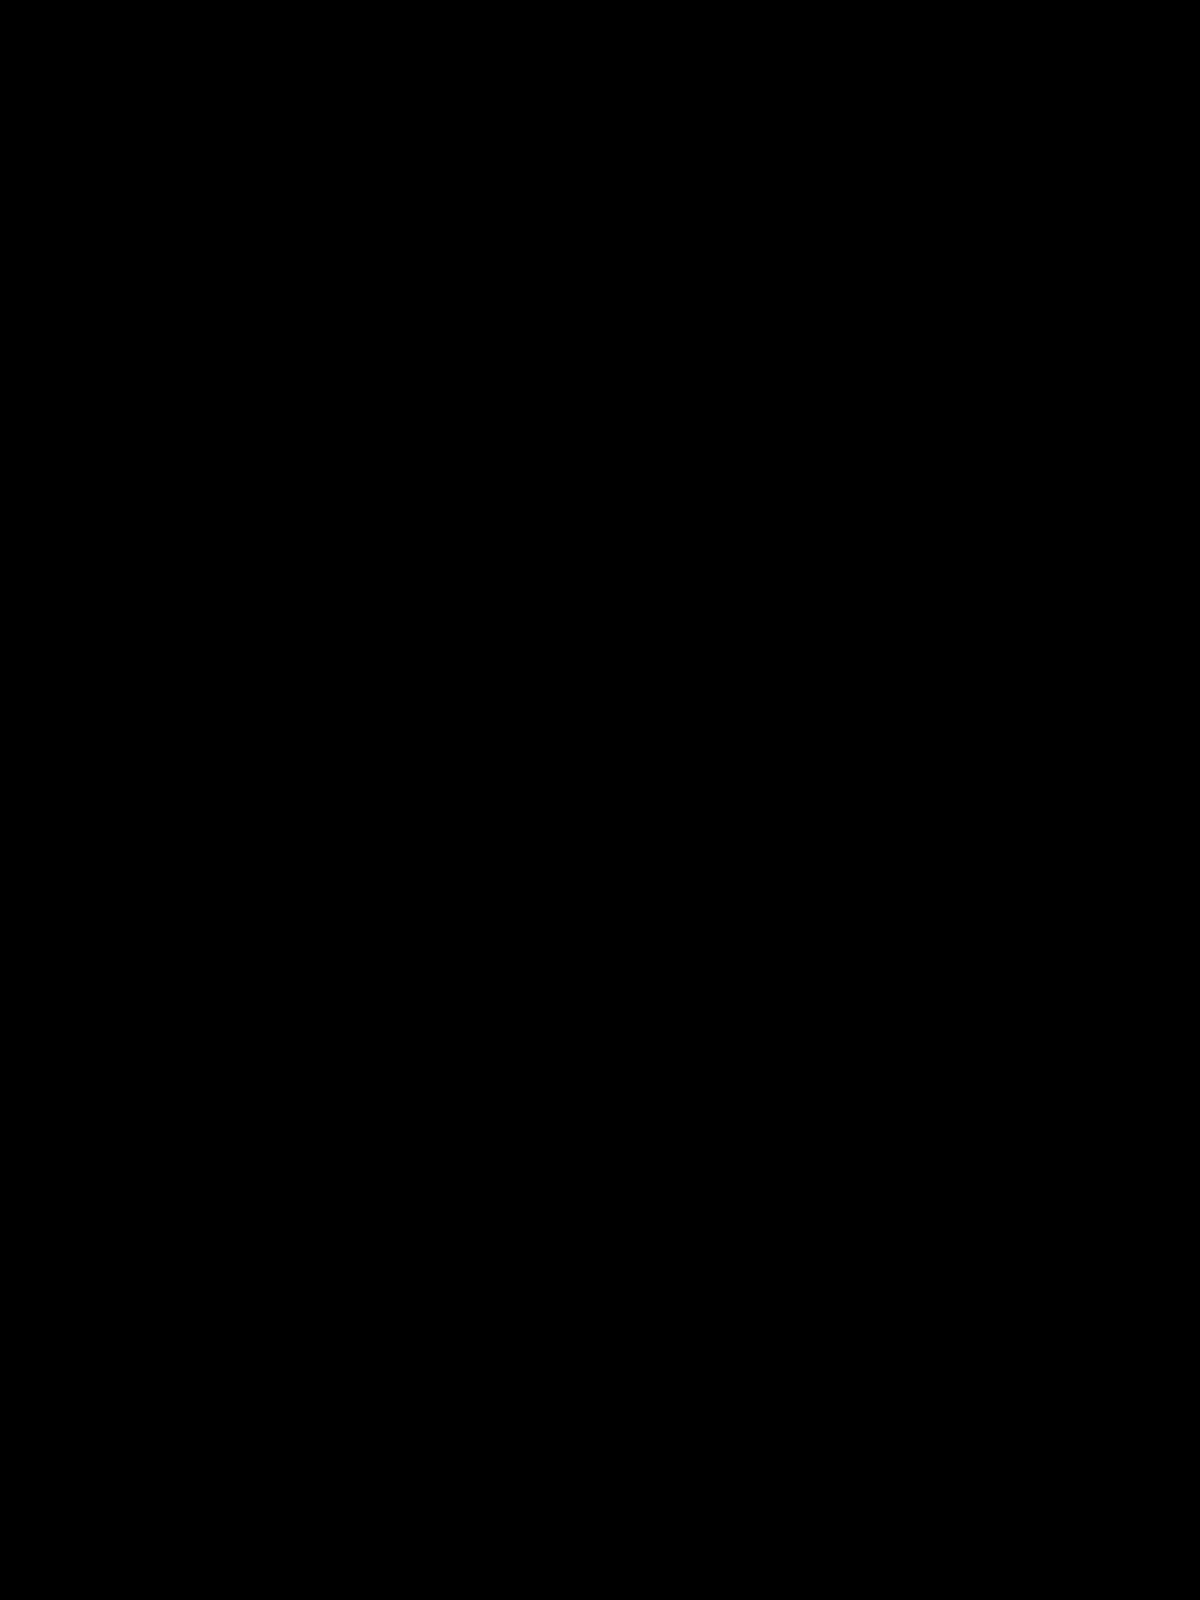 Essais de visualisation d'écoulement en soufflerie de Magny-Cours d'Antoine Albeau